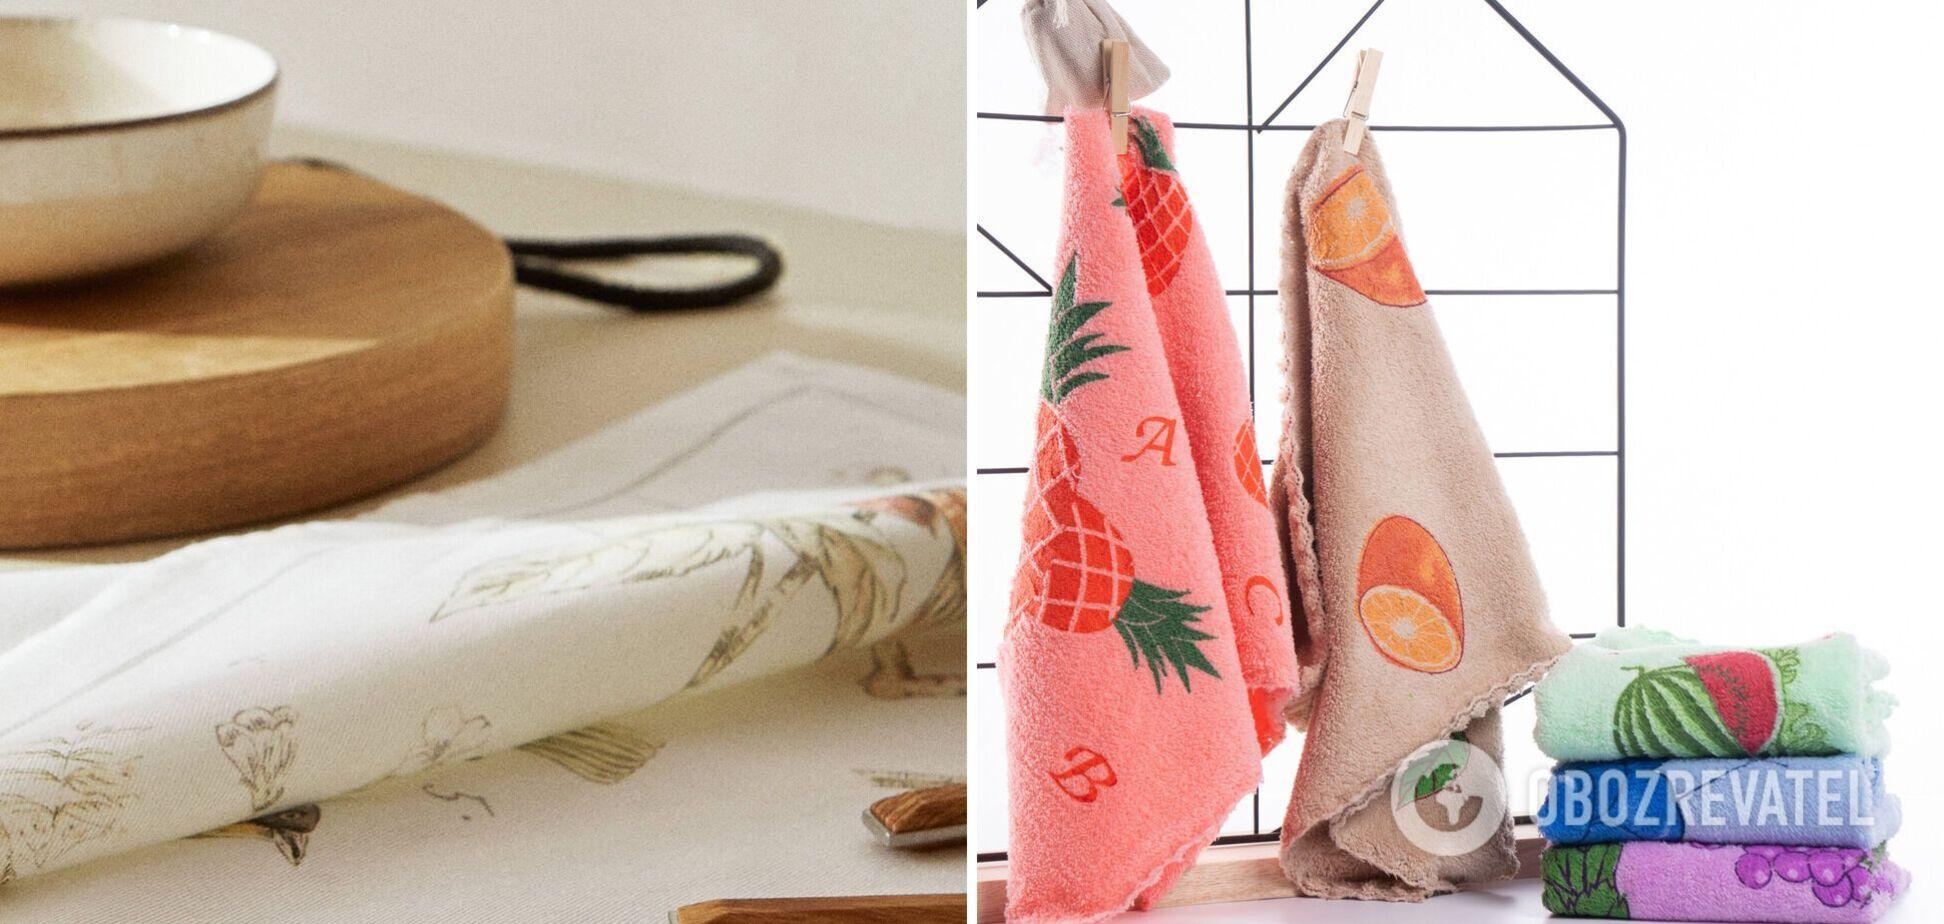 Як видалити жирні плями на кухонних рушниках: лайфхаки